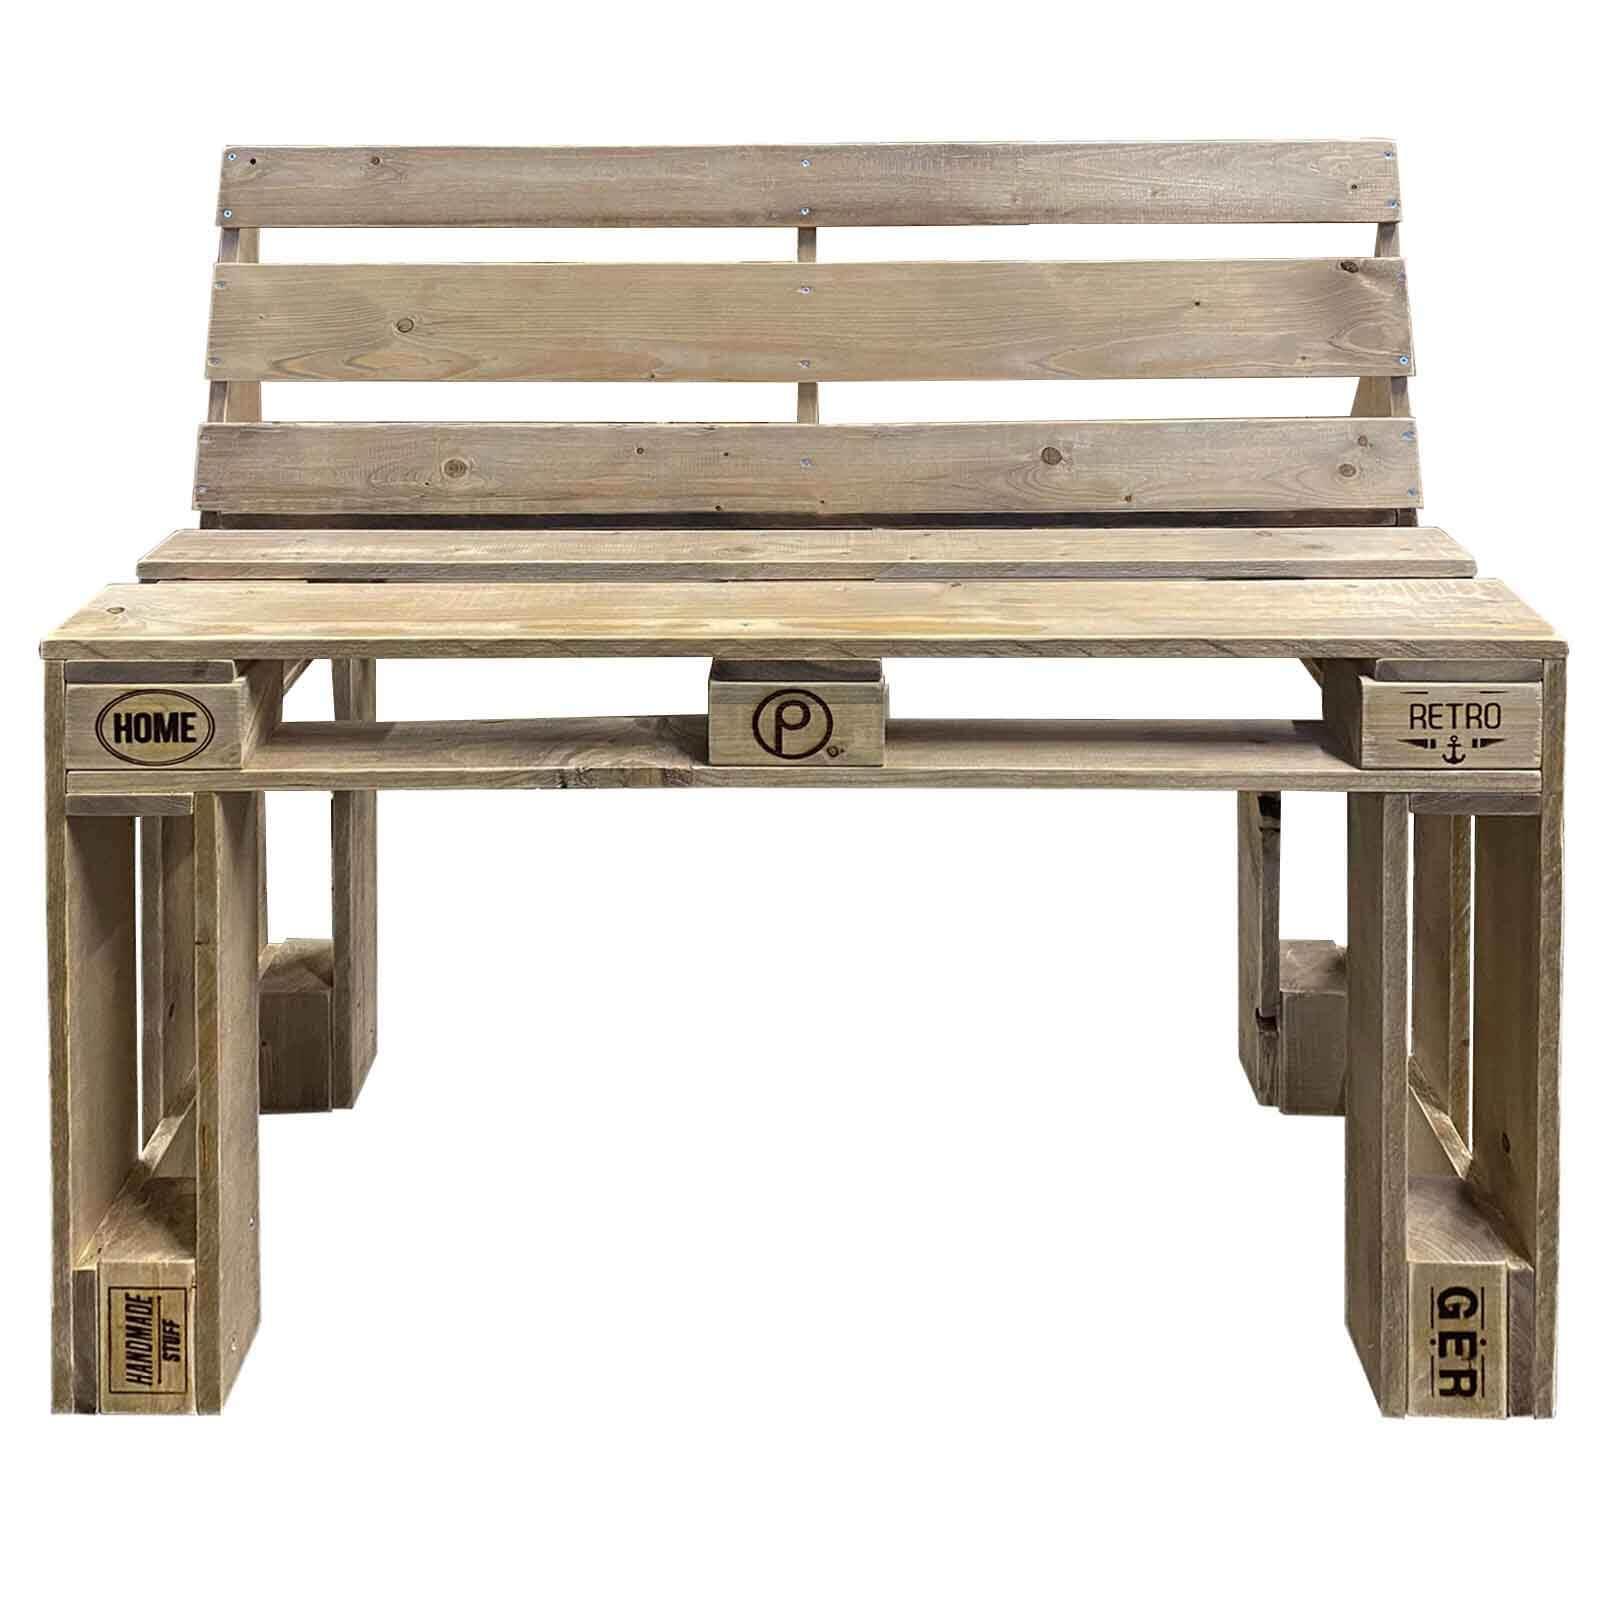 ᐅ Sitzbank aus Paletten - Palettenbank kaufen | Dein Palettenmöbel...